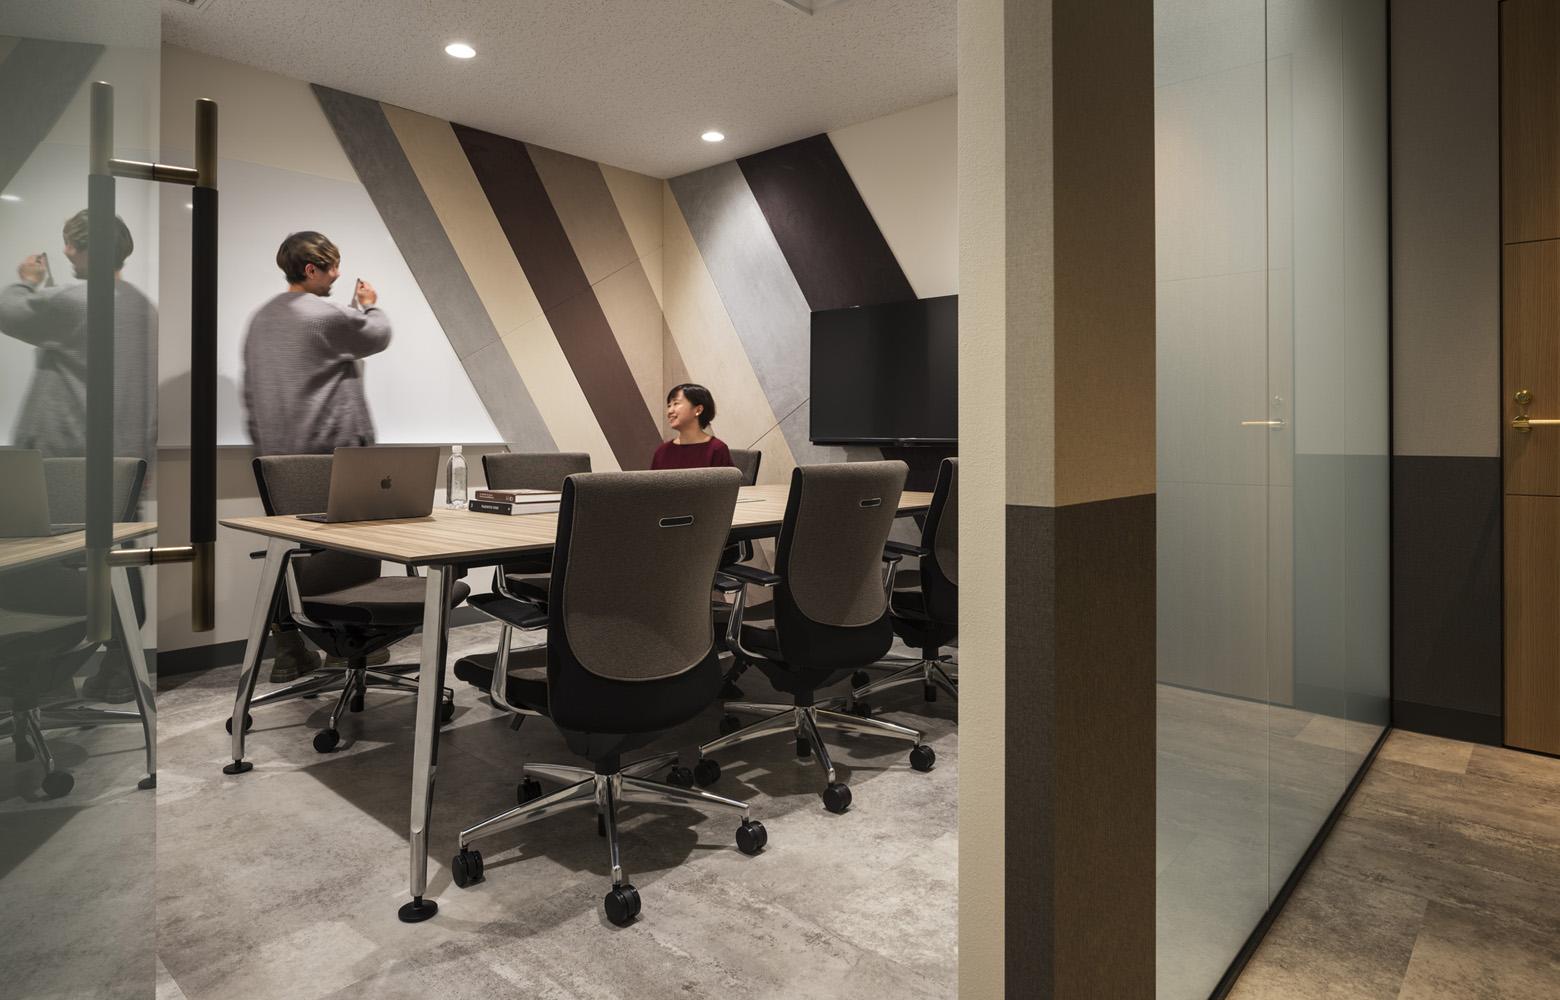 株式会社バンダイナムコセブンズ Meeting Room デザイン・レイアウト事例